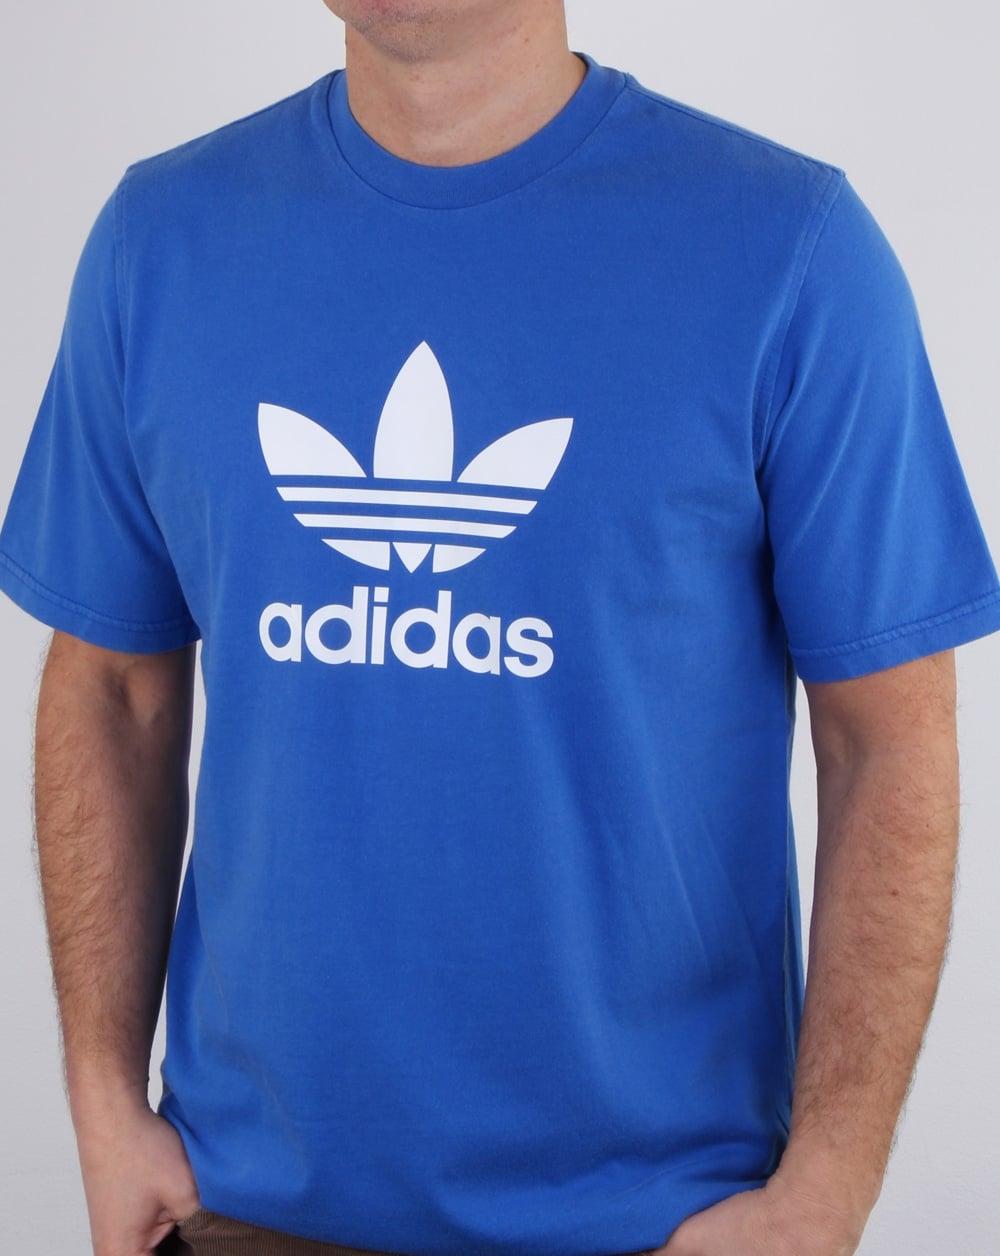 Adidas Originals Trefoil T Shirt Blue